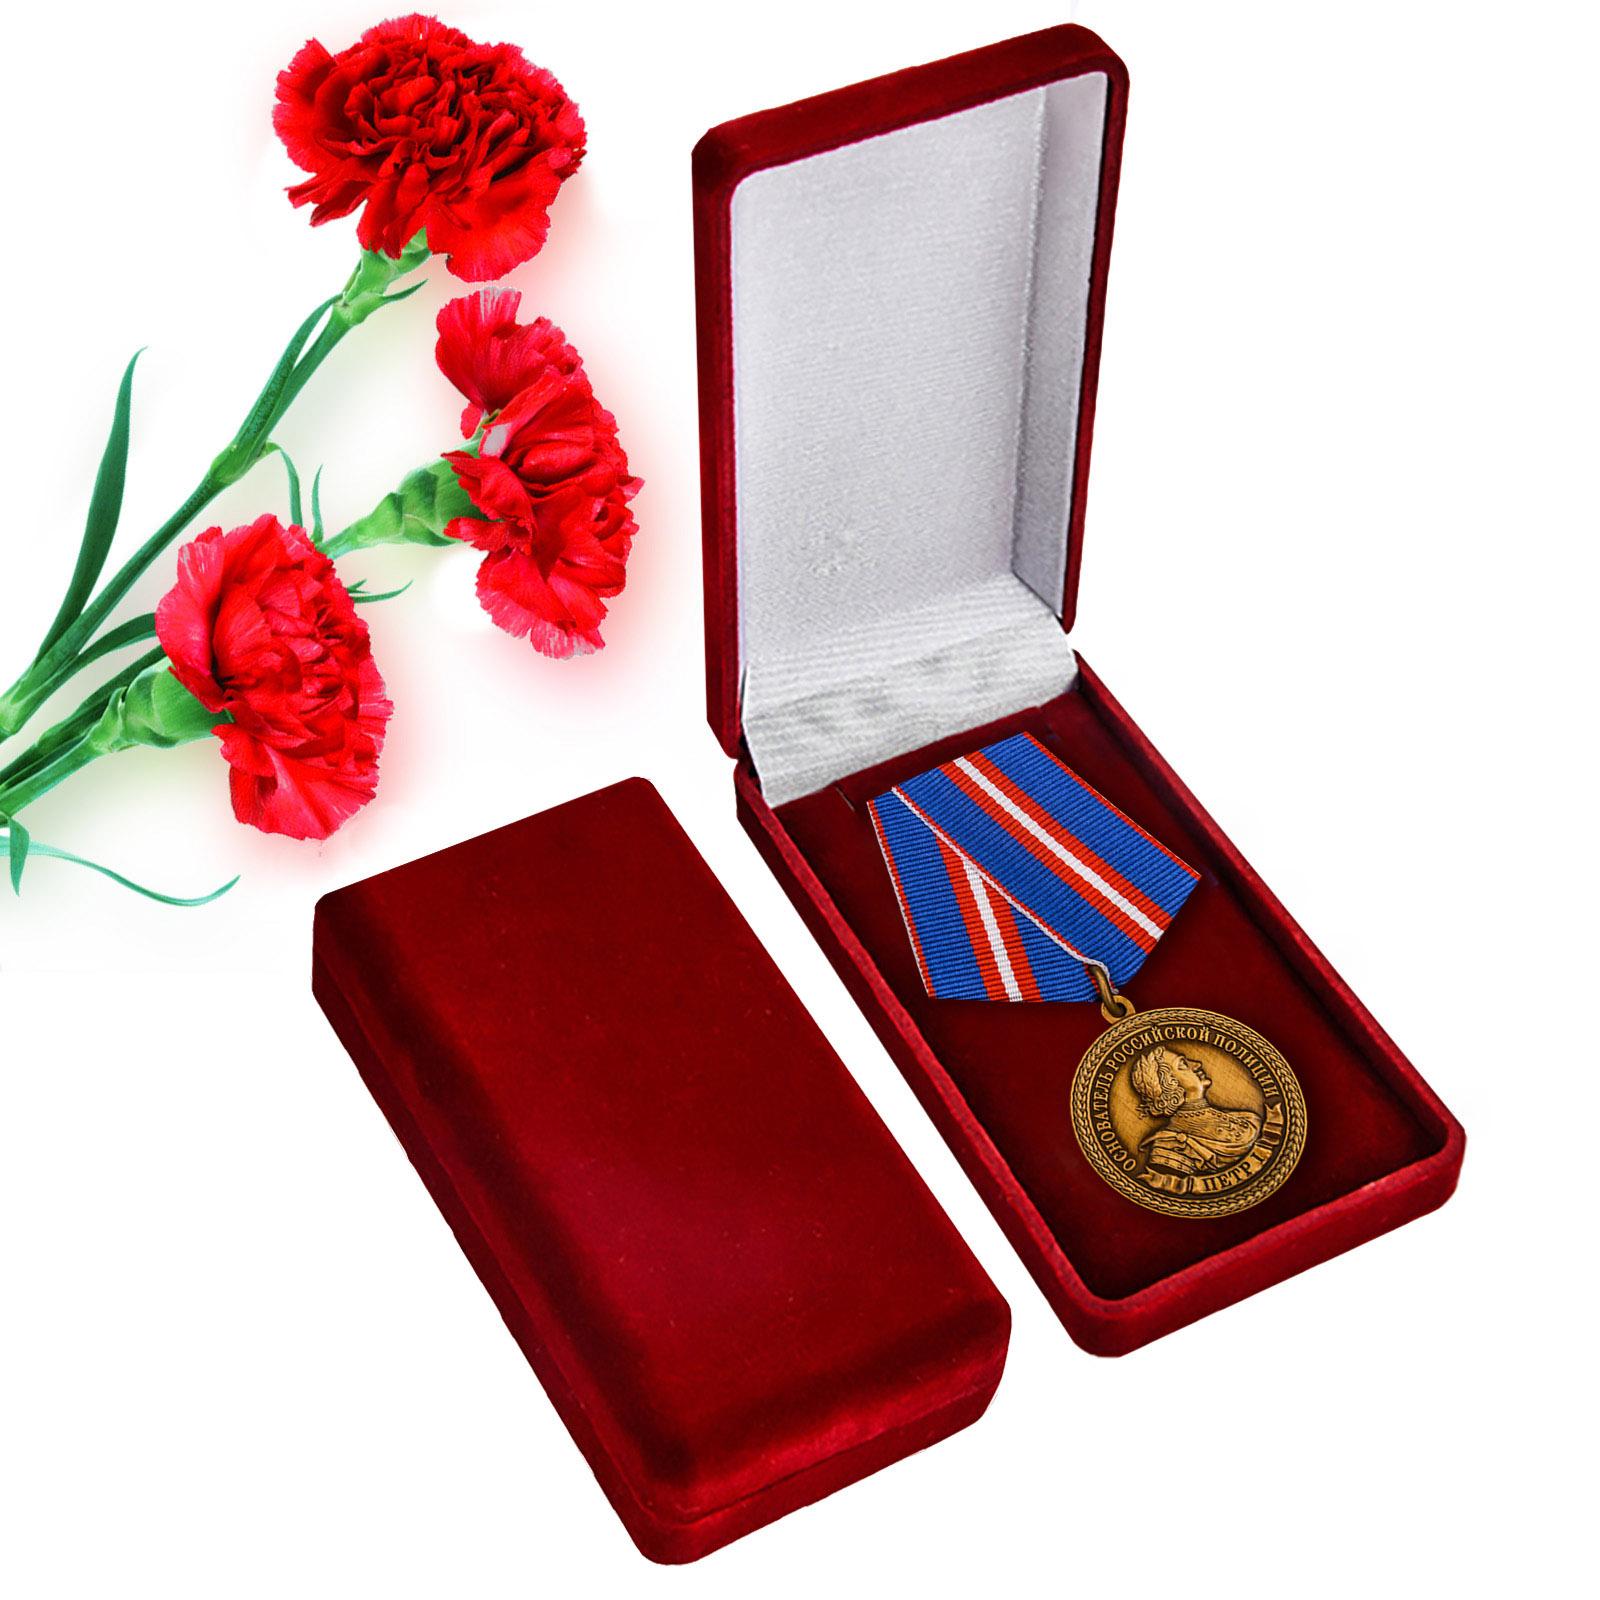 Купить в Москве памятную медаль «300 лет полиции России»